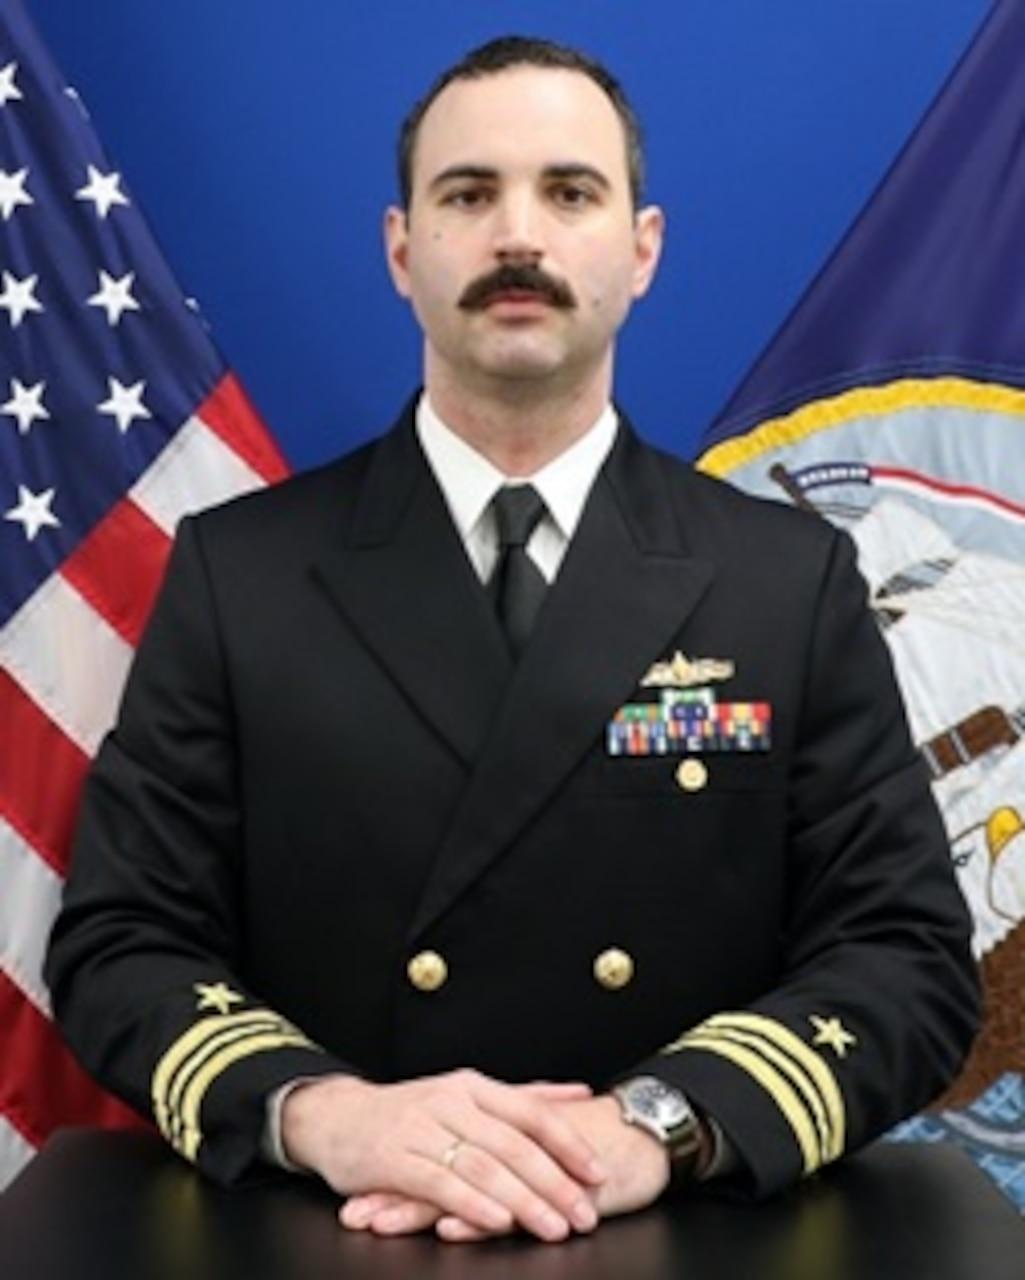 Lieutenant Commander Peter J. Bue